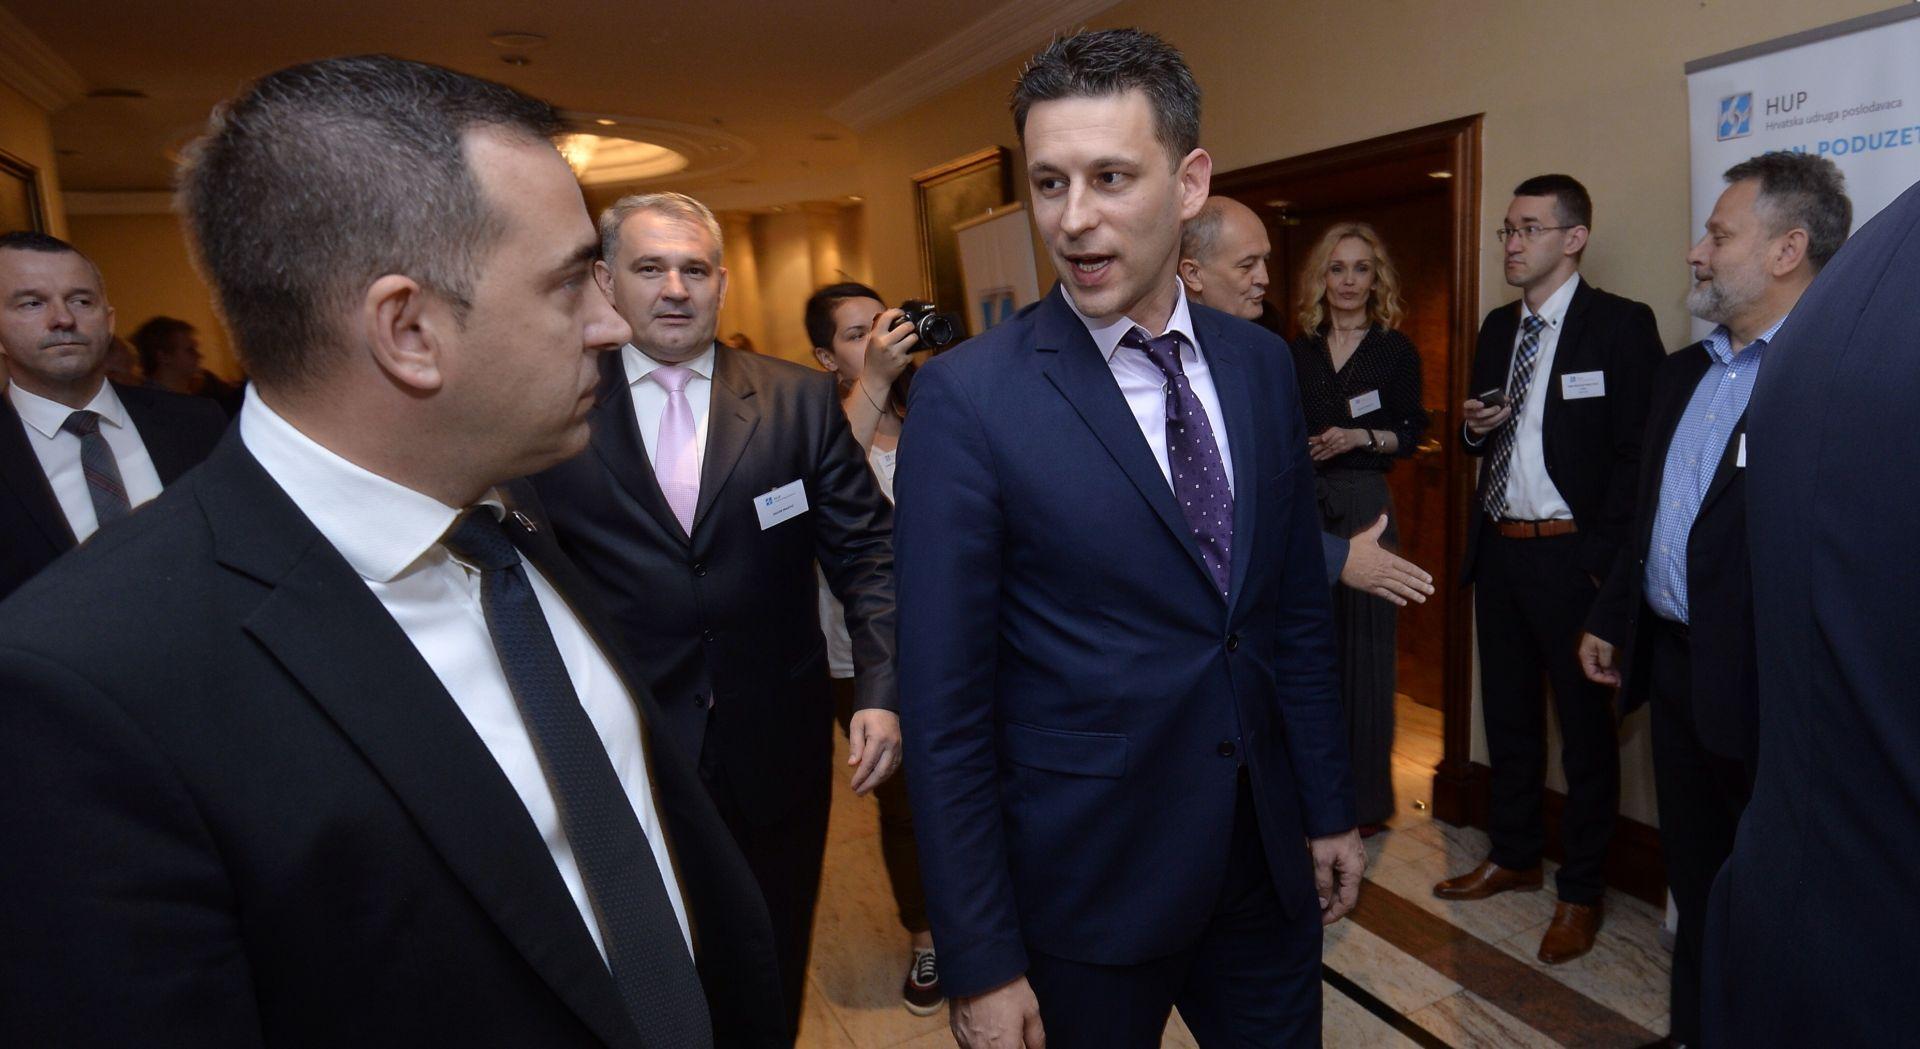 Petrov na Danu poduzetnika: Članovi Vlade odlično surađuju, ali promjene su zakočile političke stranke